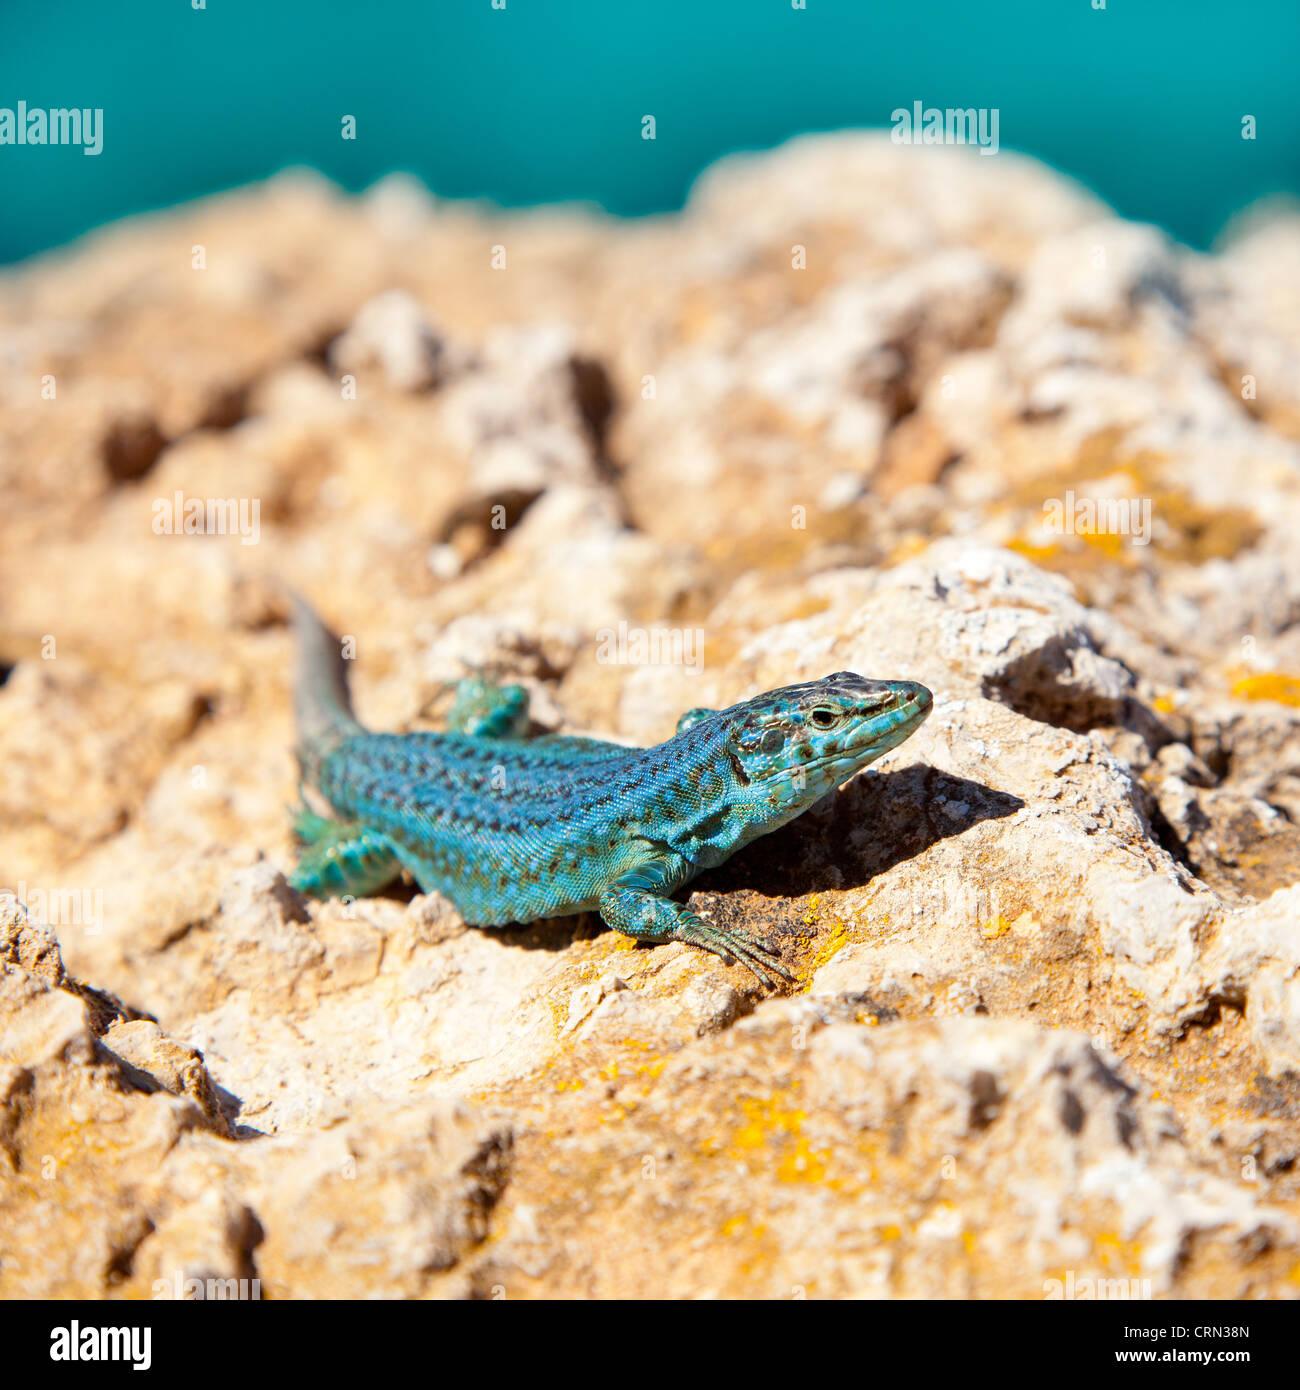 Formentera Eidechse auf Meer Hintergrund Podarcis Pityusensis formenterae Stockbild